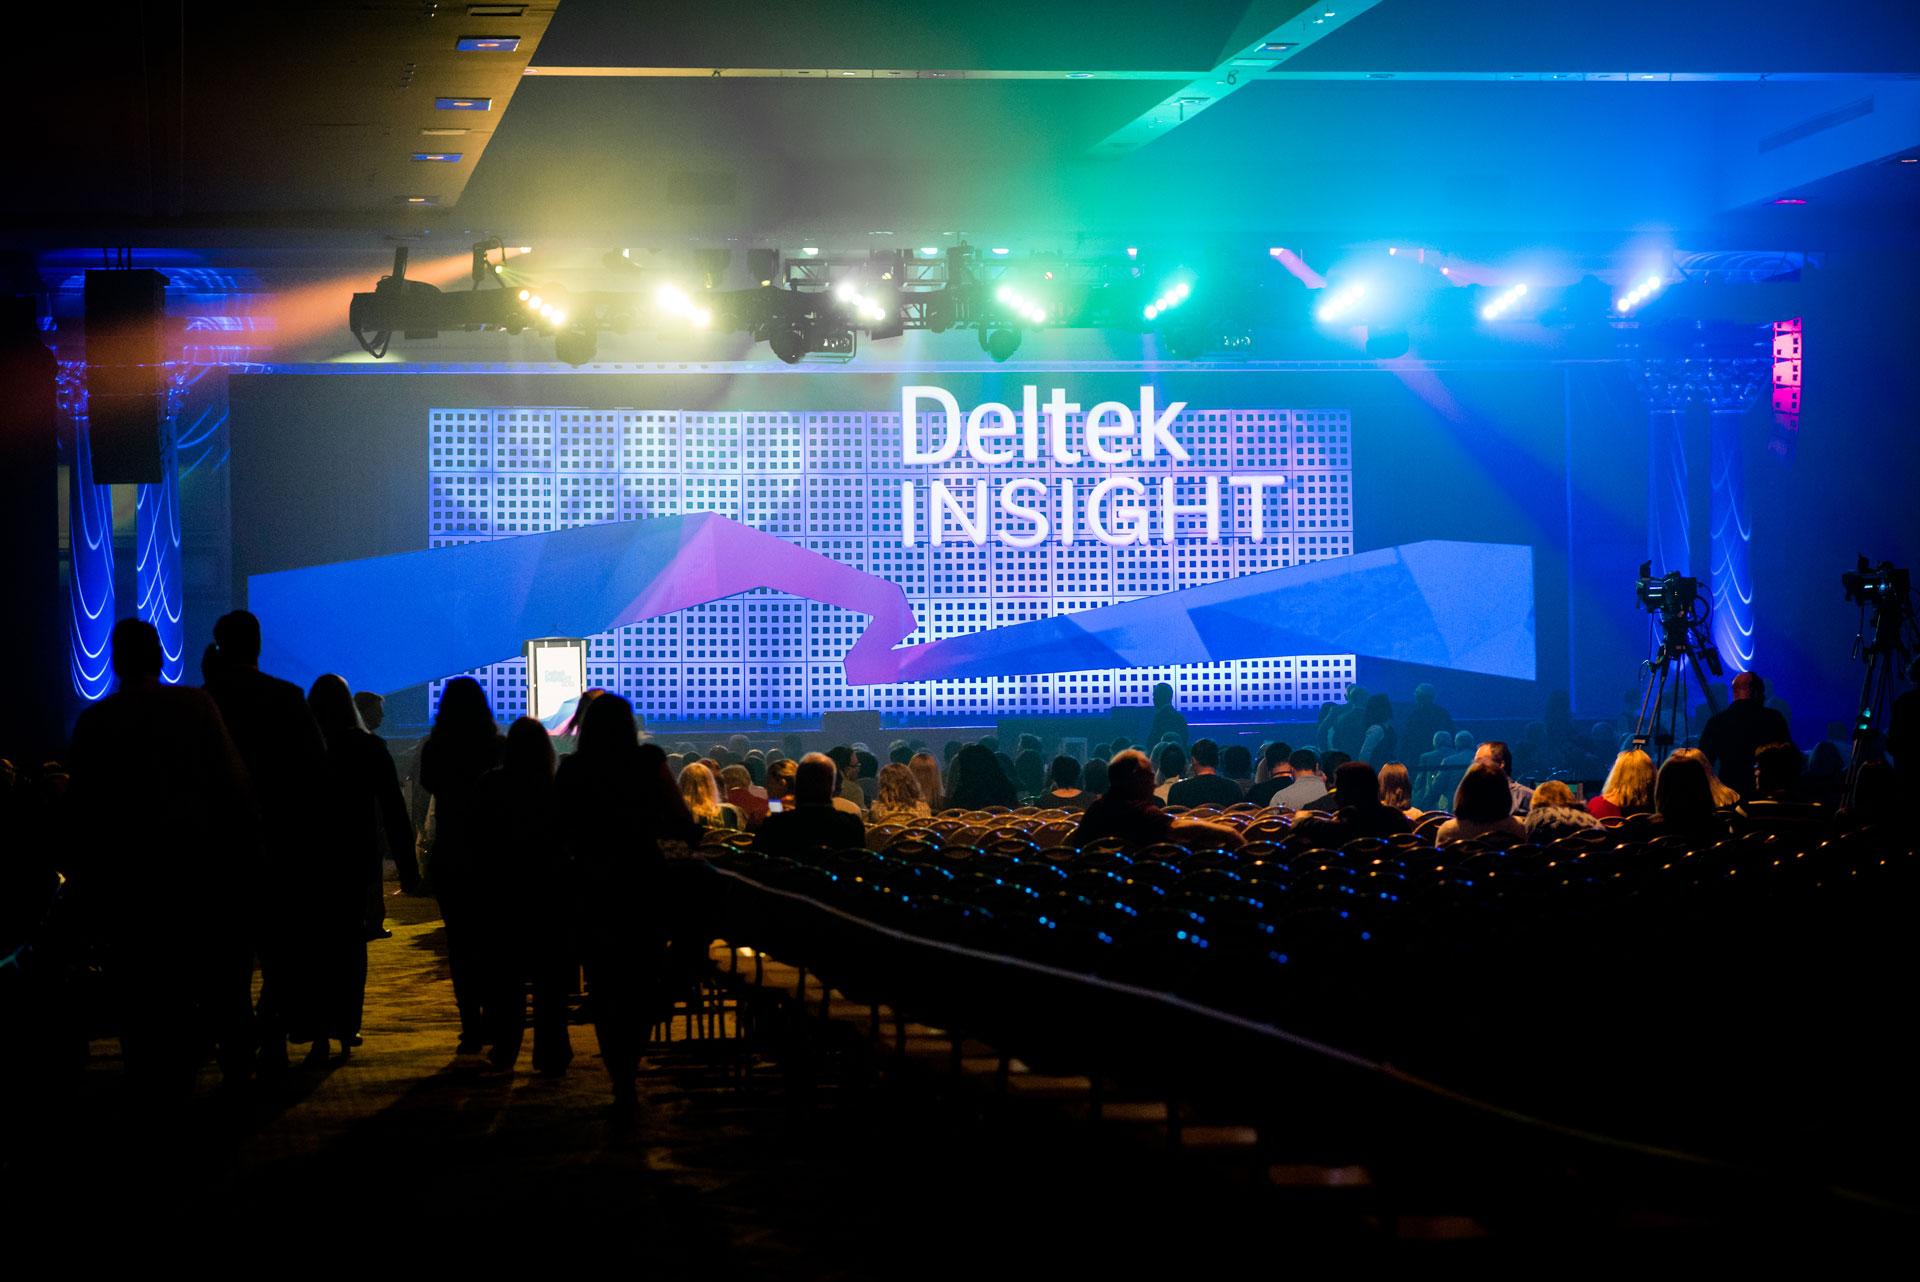 DeltekInsight-42.jpg